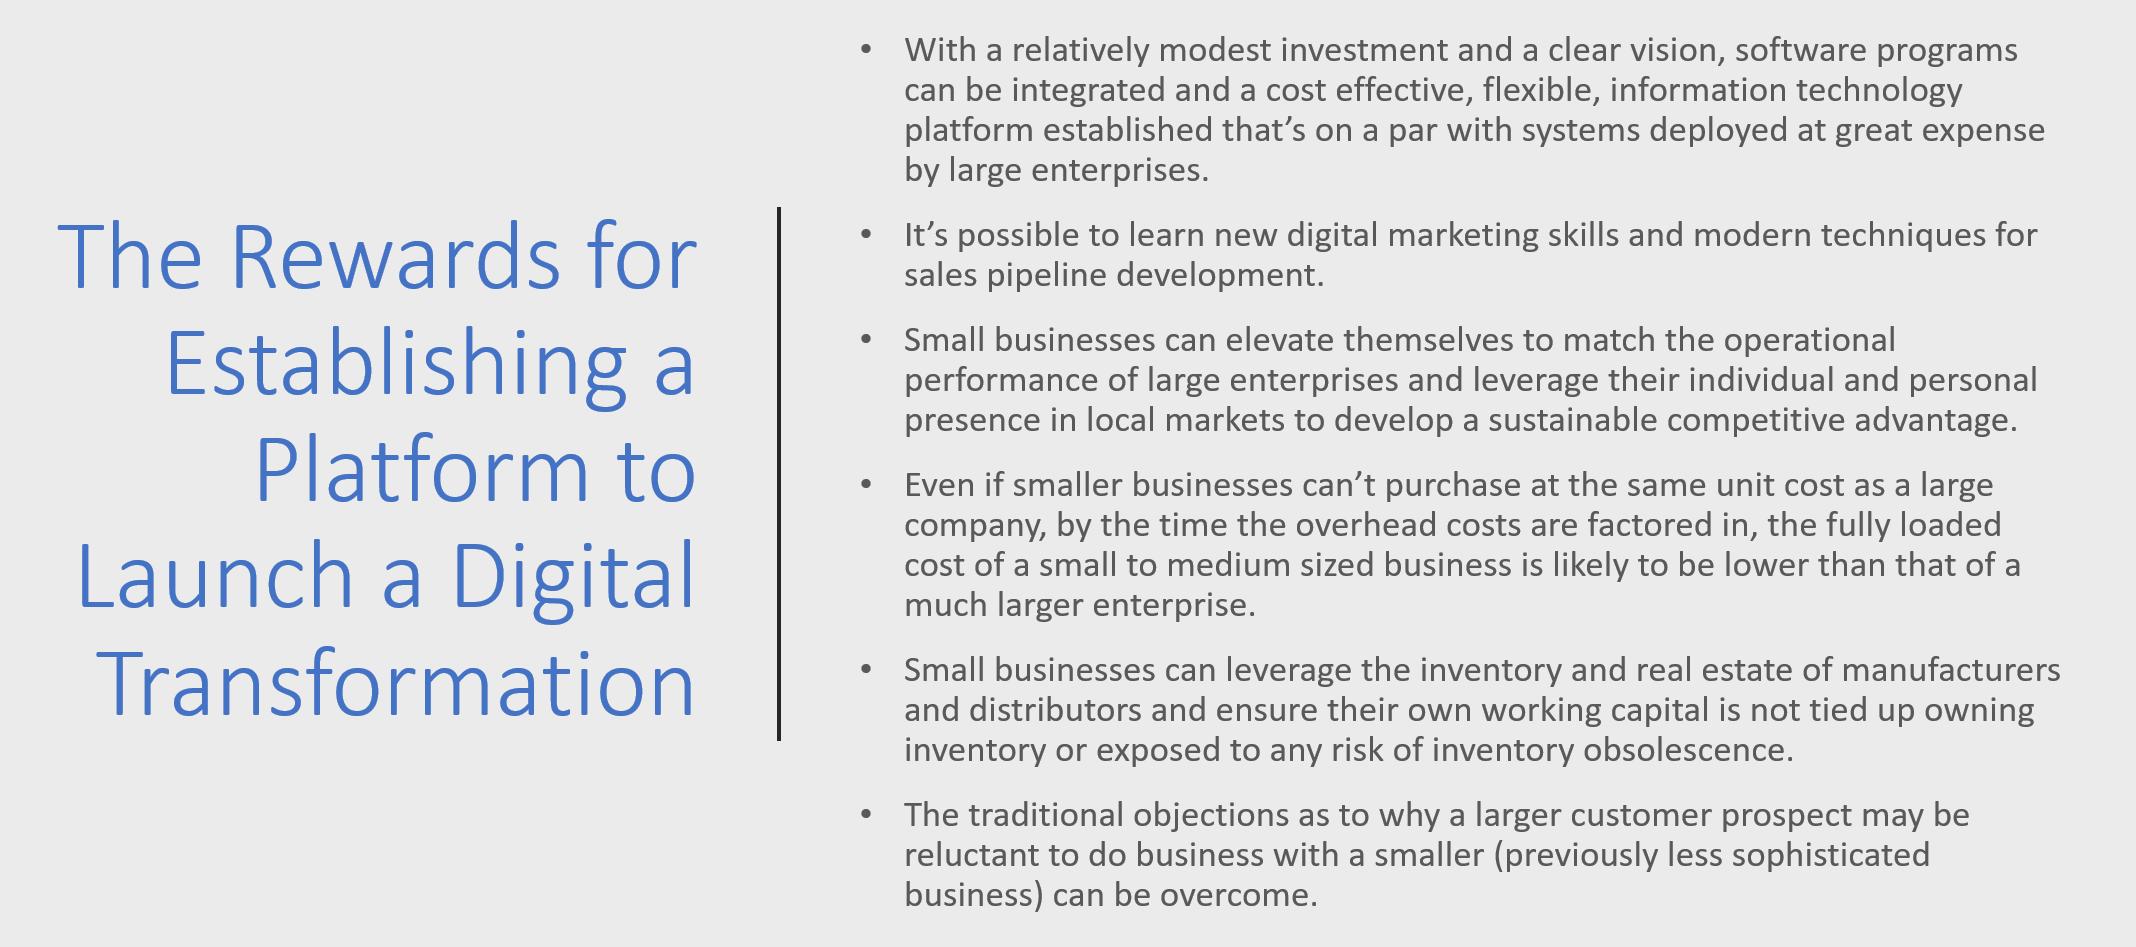 The Rewards for Establishing a Platform for Digital Transformation.png